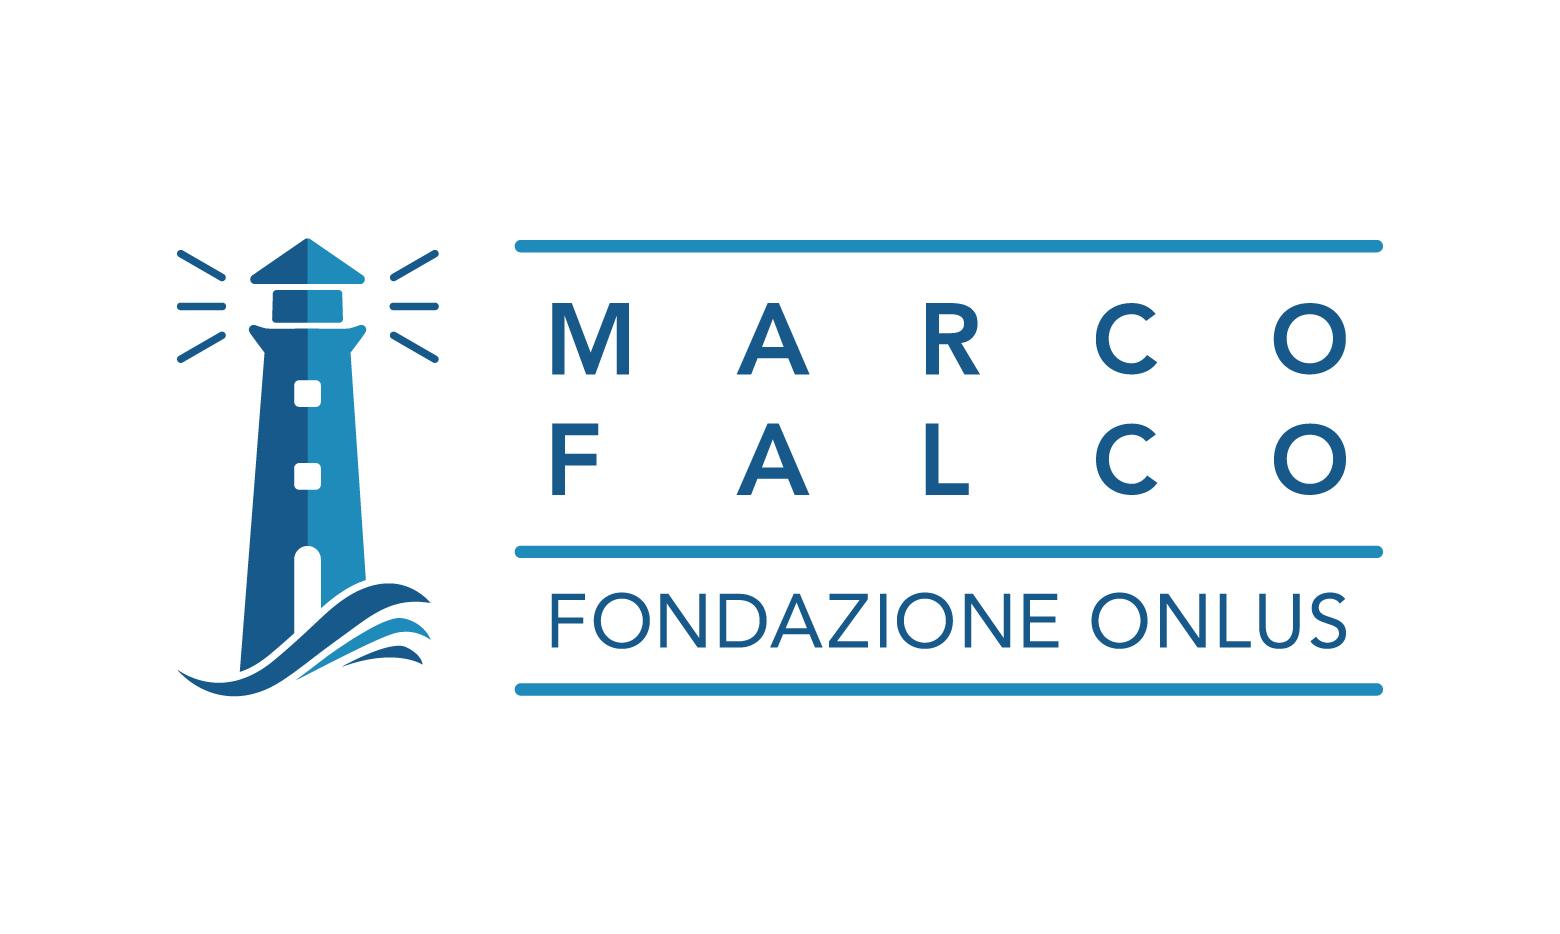 fondazione marco falco